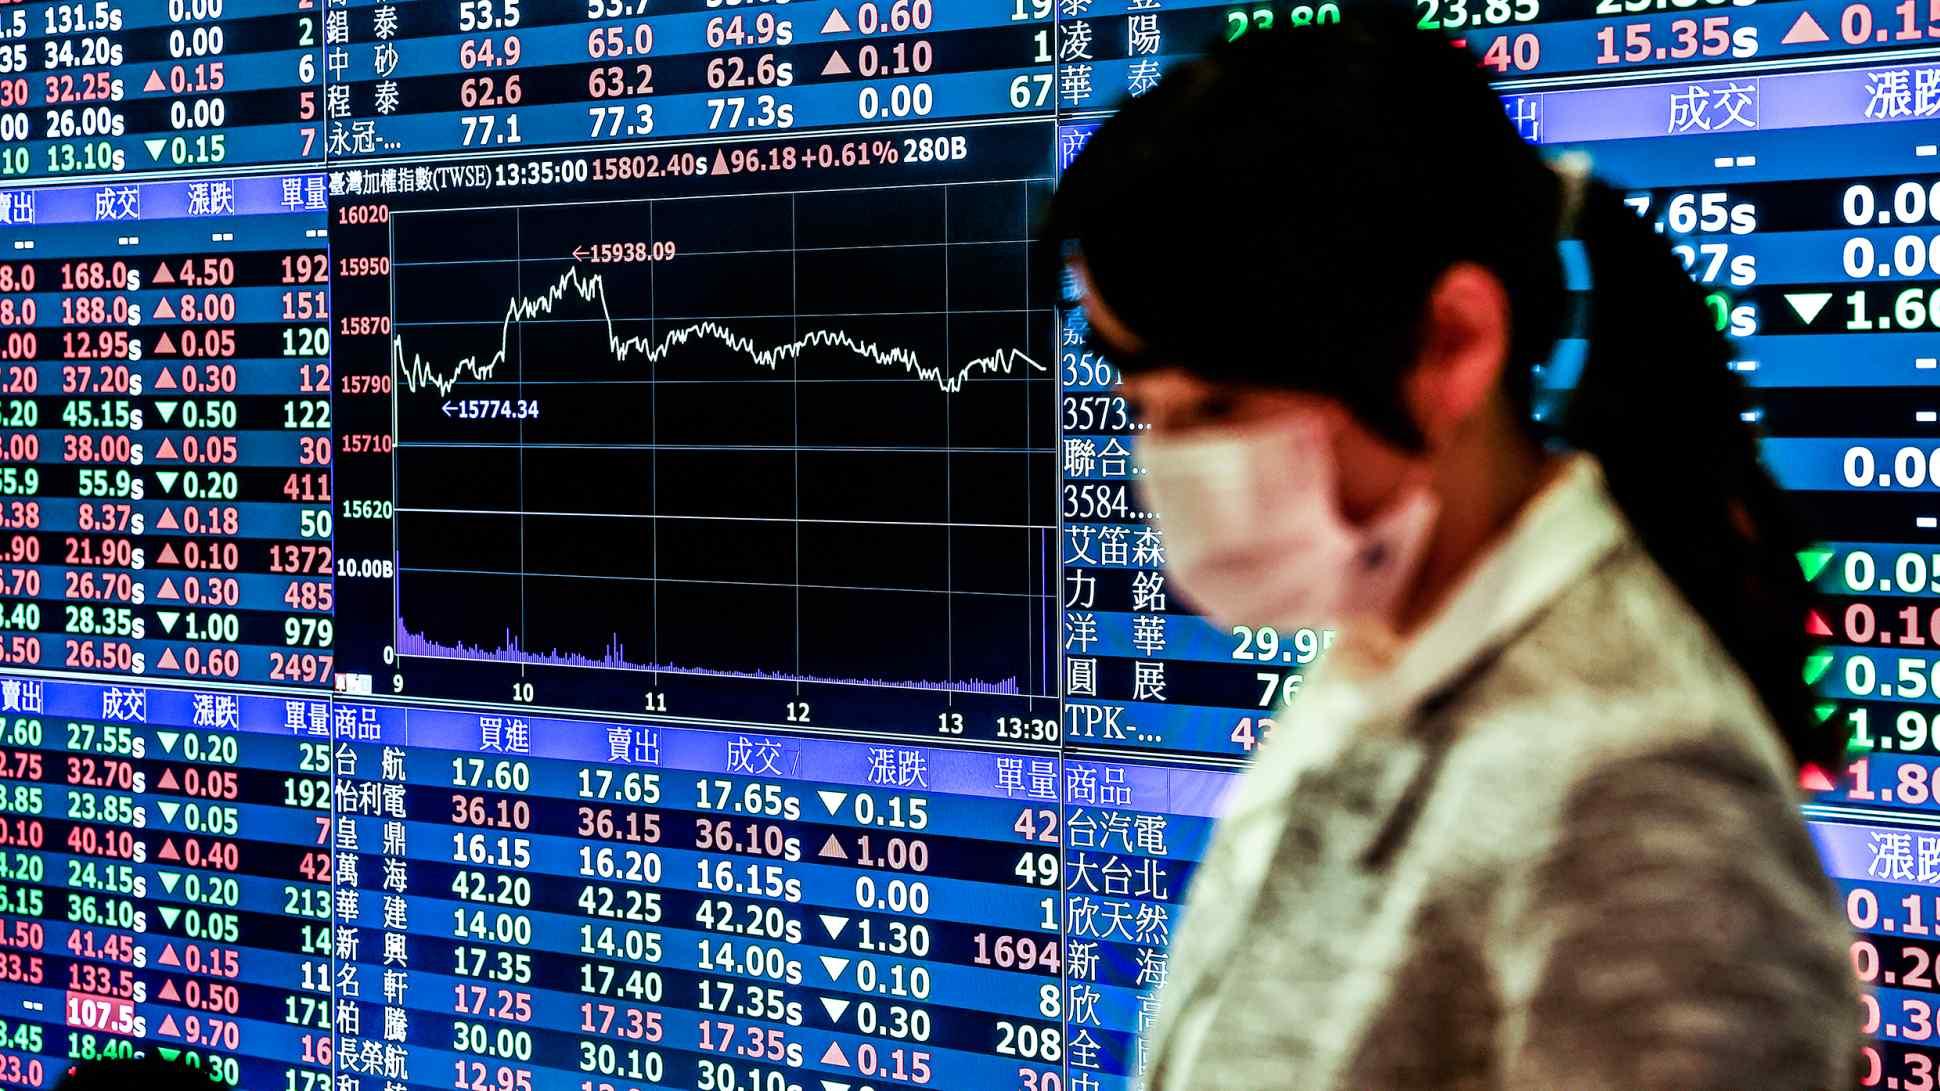 Gần 50% dân số Đài Loan đang đầu tư chứng khoán